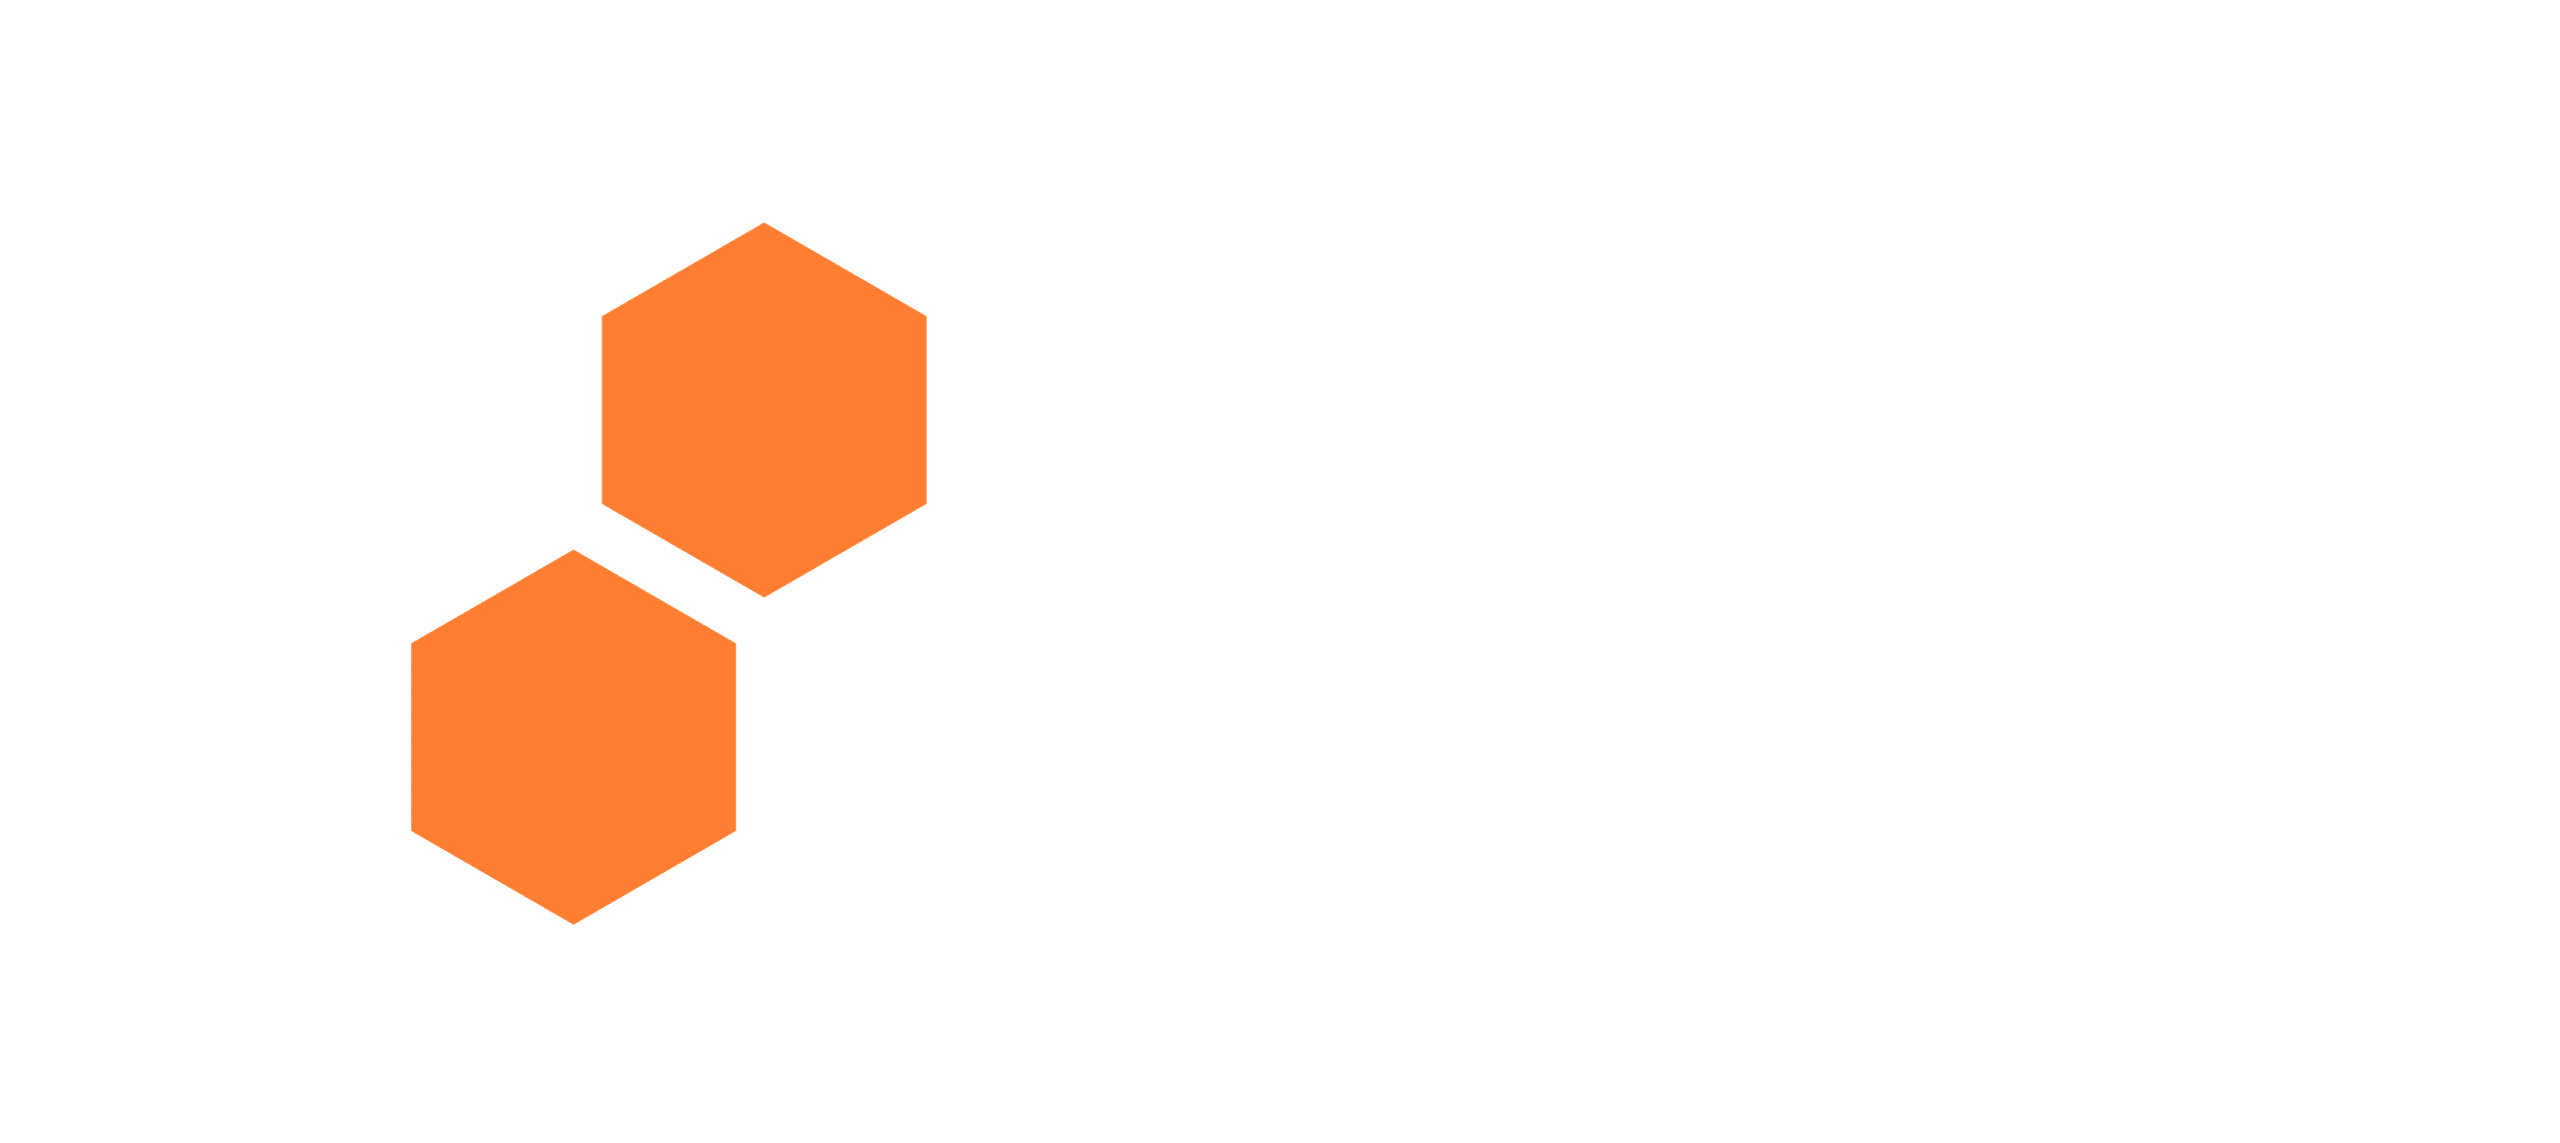 Digital Bees